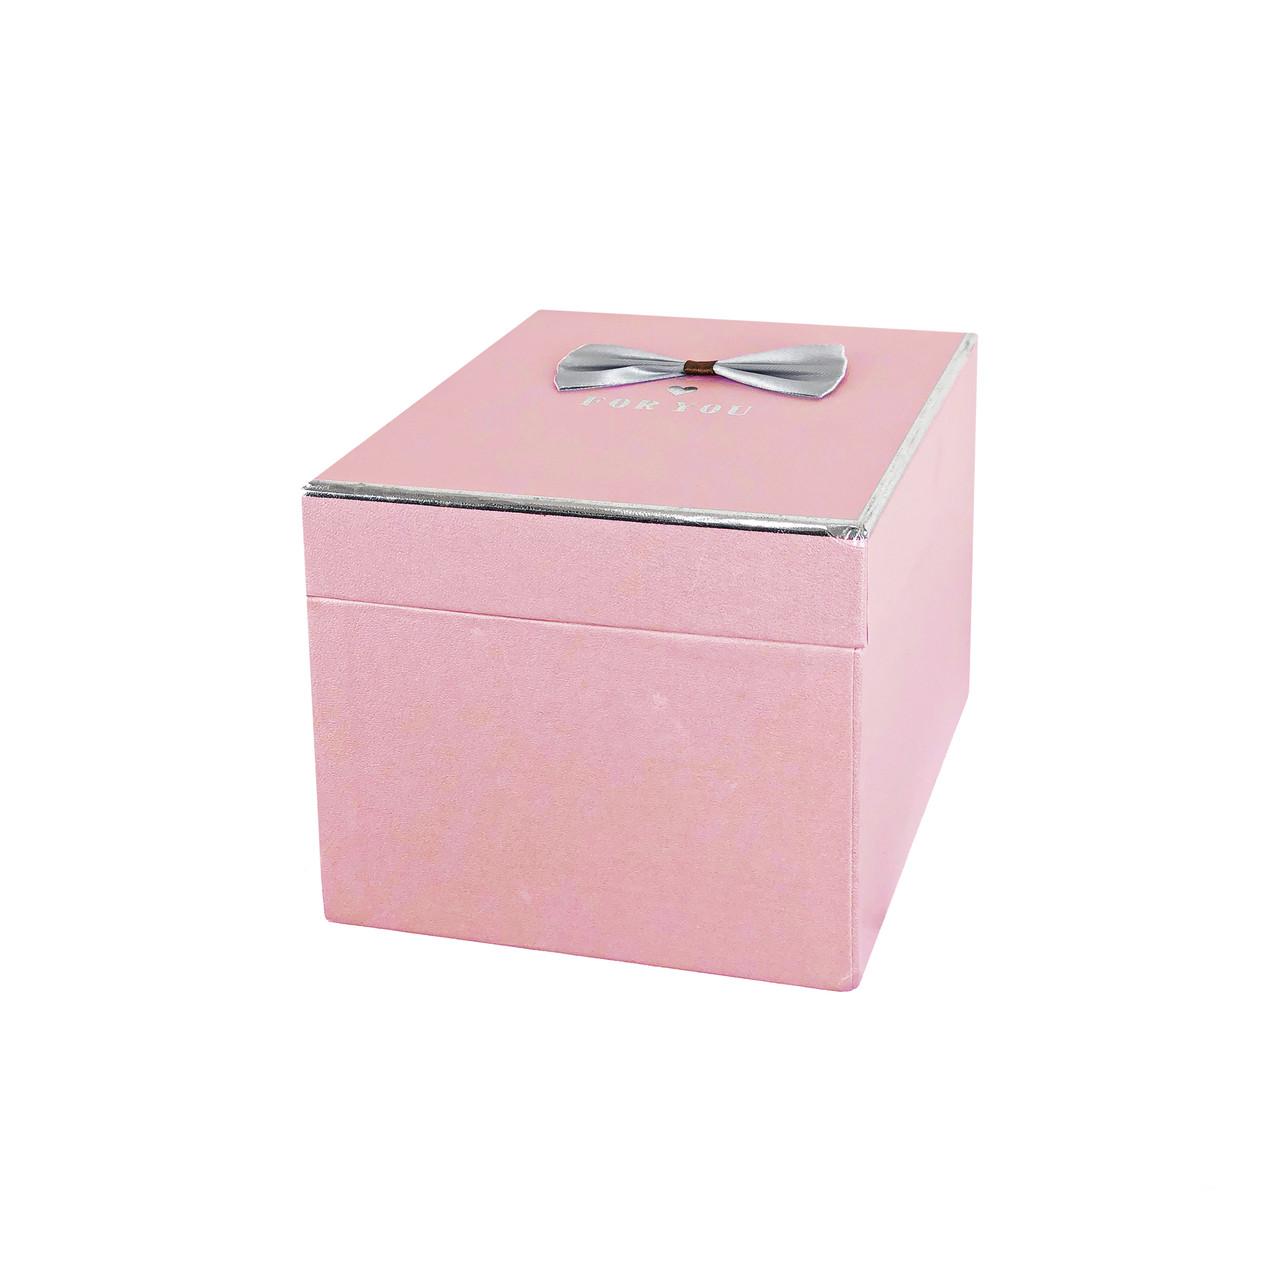 Коробка #13 квадратная (9*9*9 см)